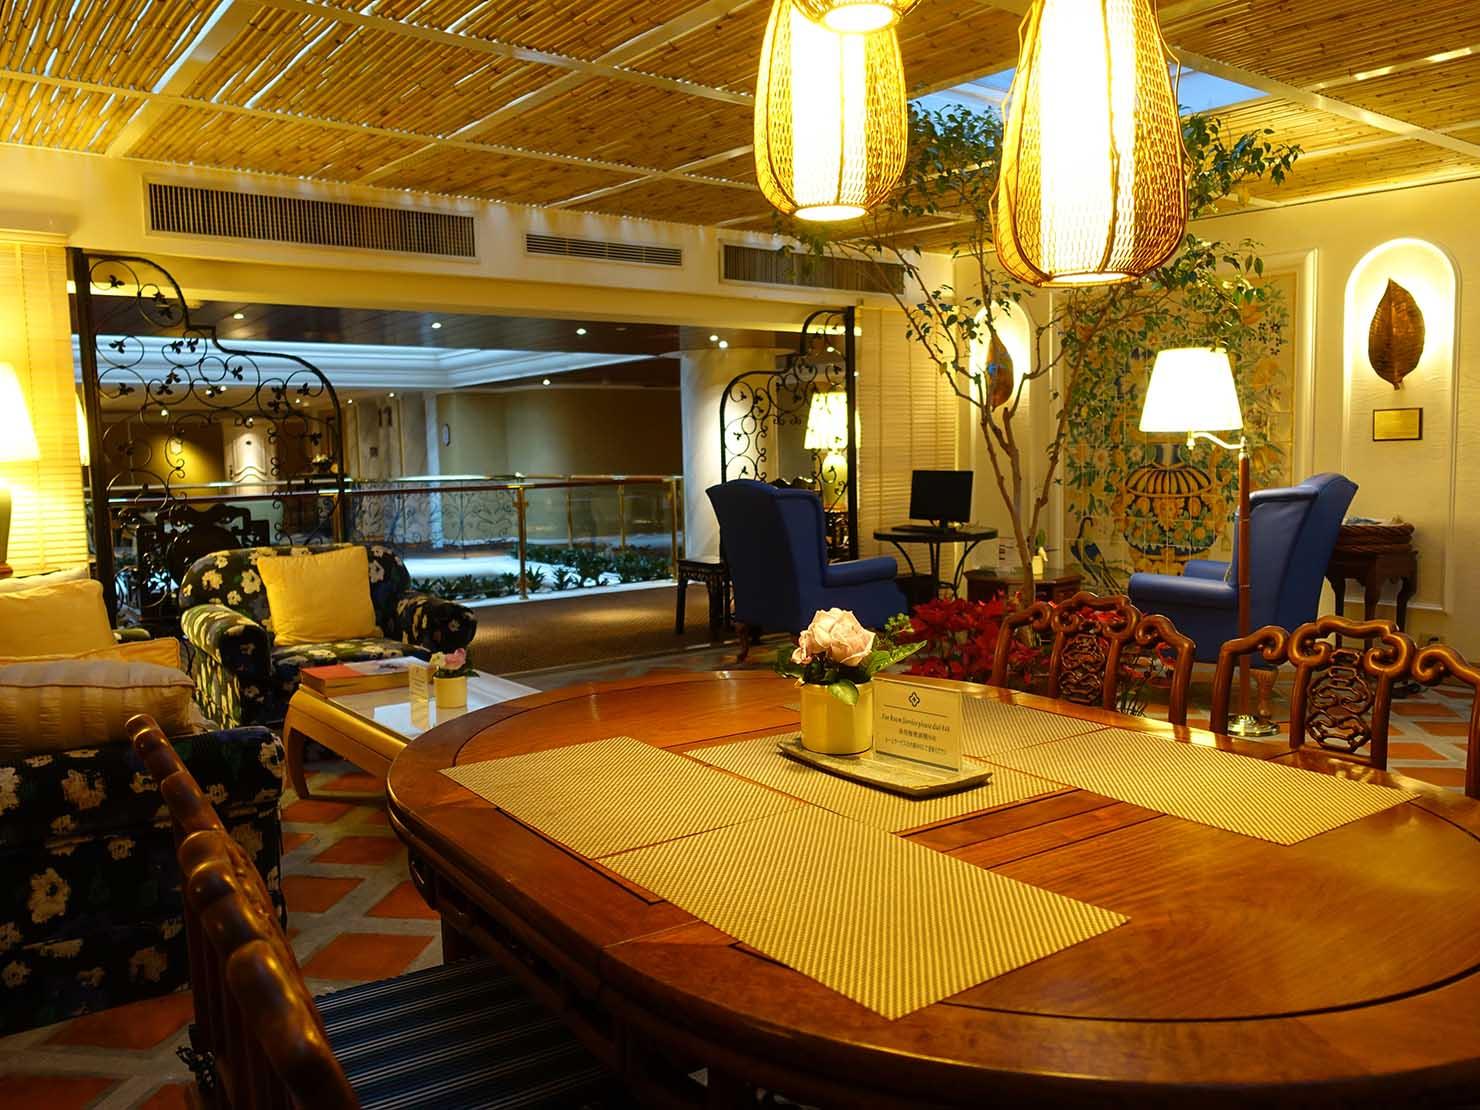 台北のおすすめ4つ星ホテル「歐華酒店(リビエラホテル)」7階・曜廷花園(エグゼクティブガーデン)のテーブル